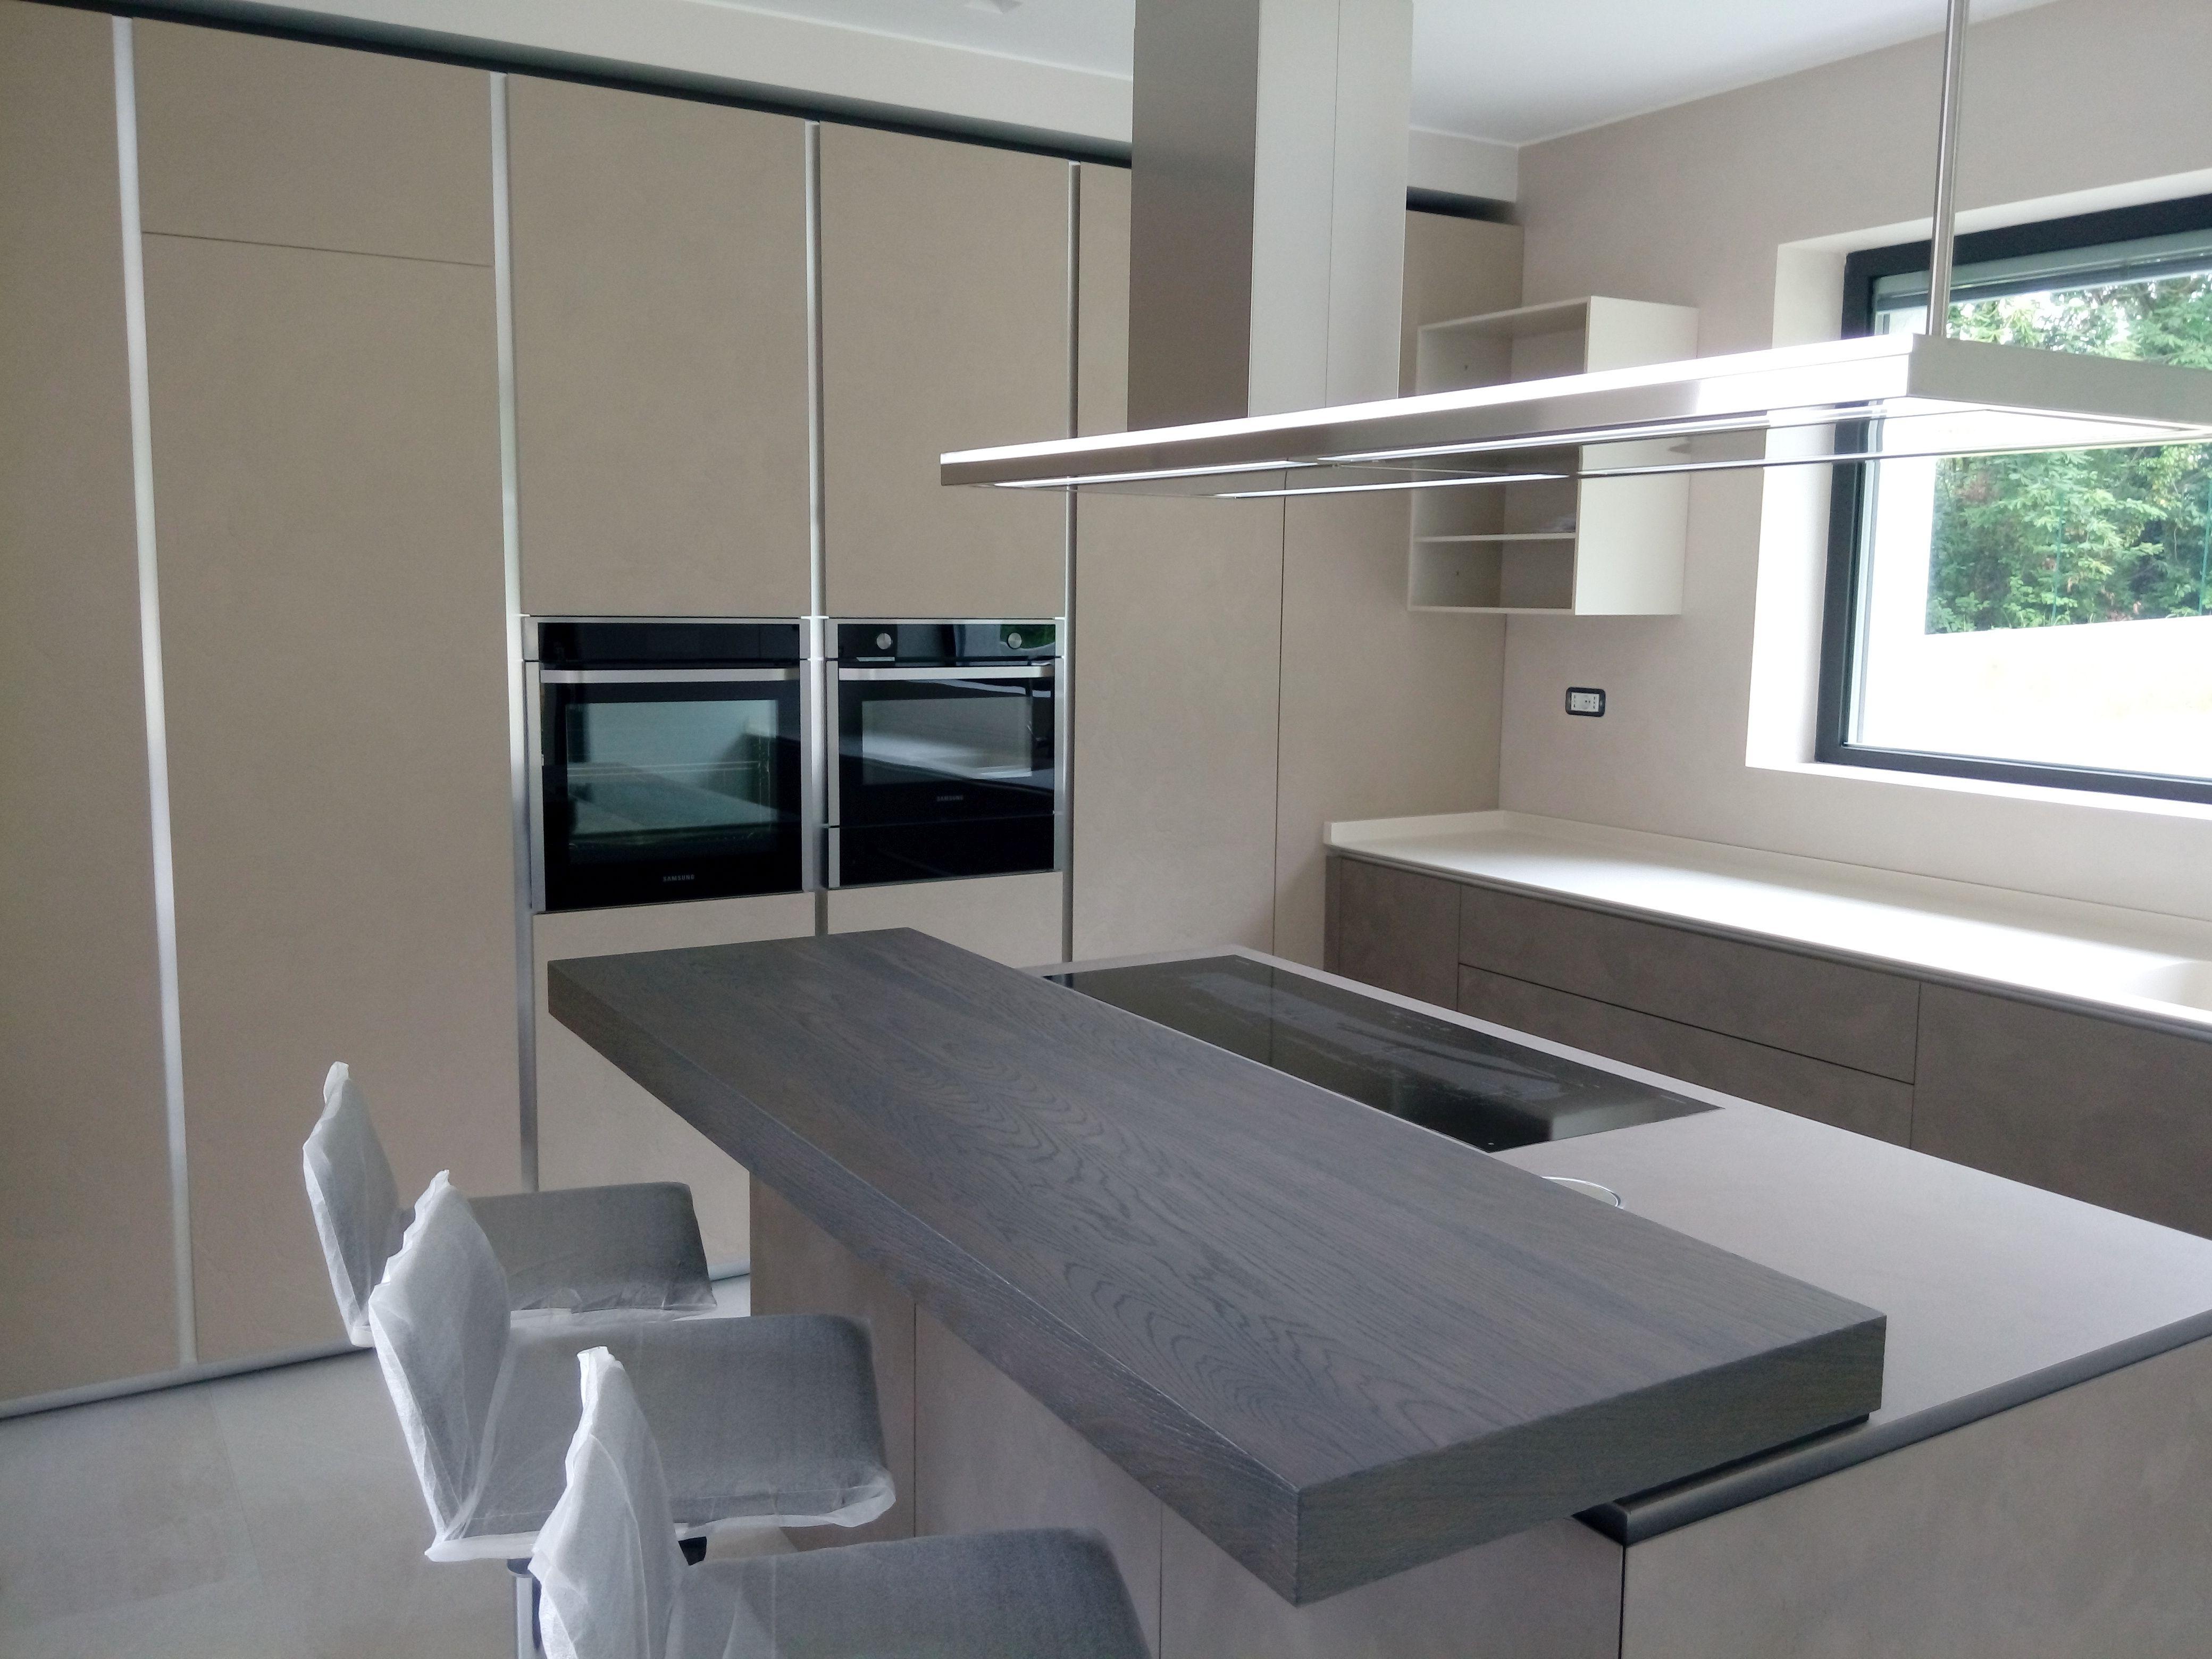 Progetto cucina ernestomeda obliqua in biomalta mobili mariani